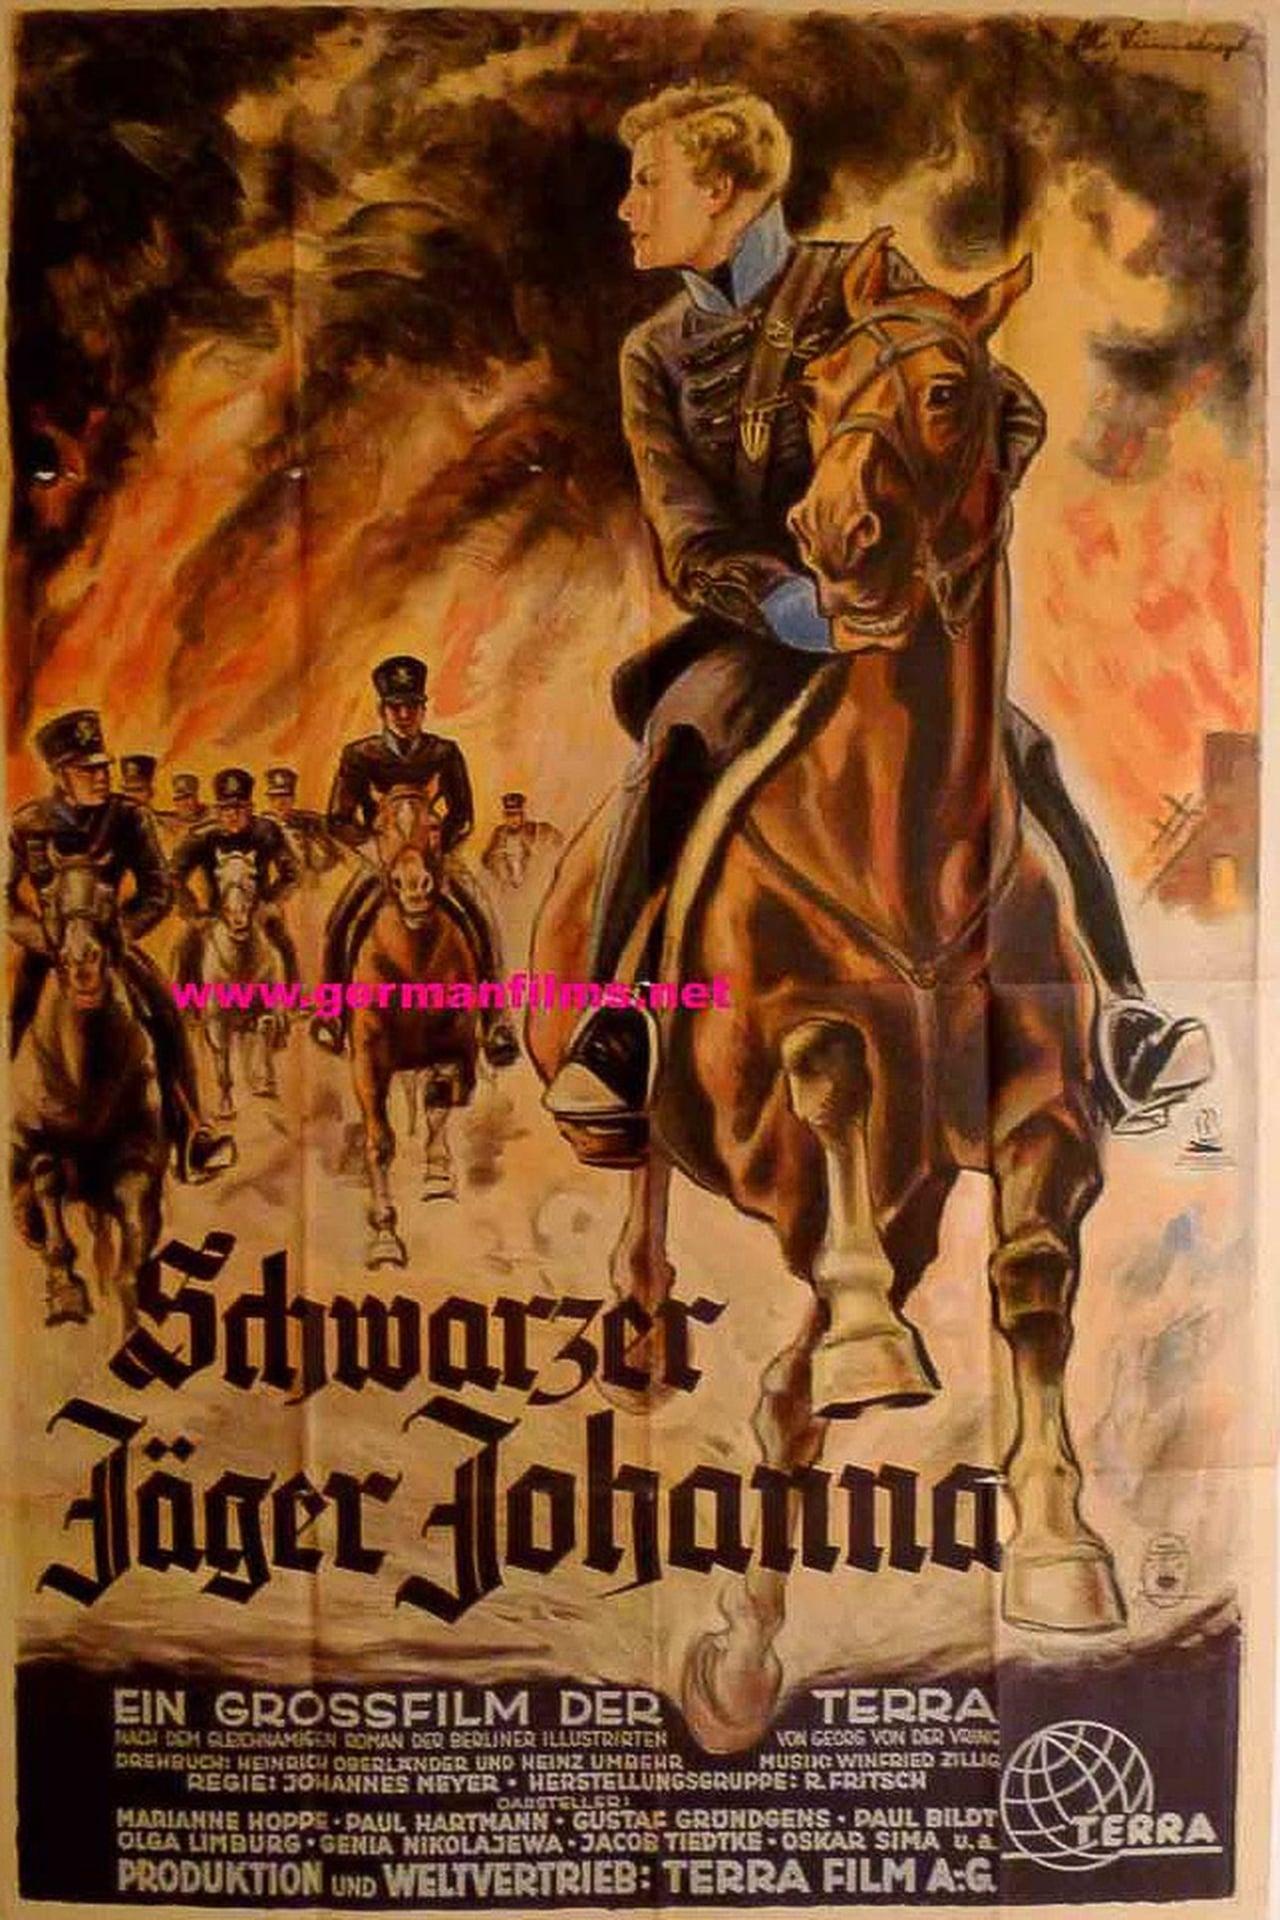 Black Fighter Johanna